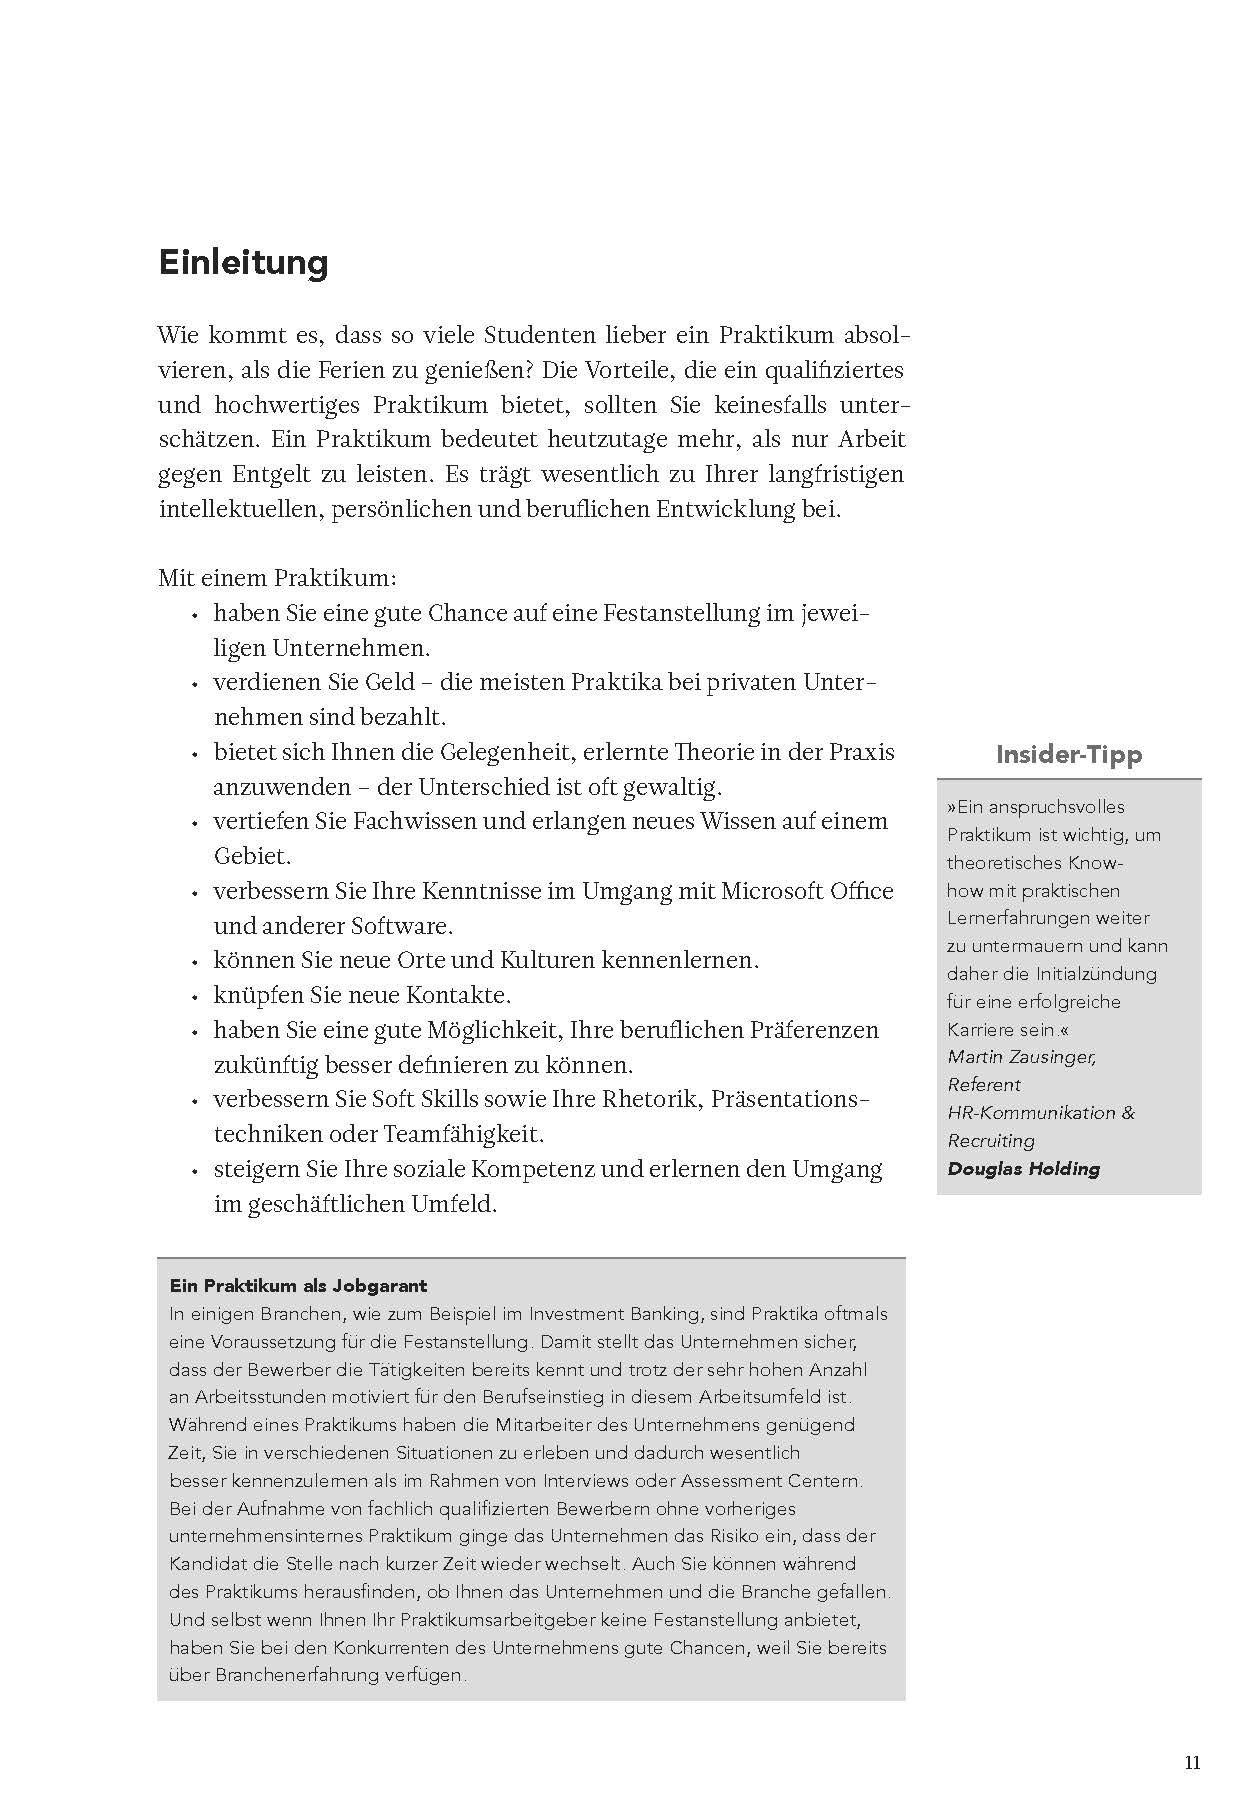 Das Insider-Dossier: Praktikum bei Top-Unternehmen 2012/13: Die besten -  Aladár Tepelea - Amazon.de: Bücher